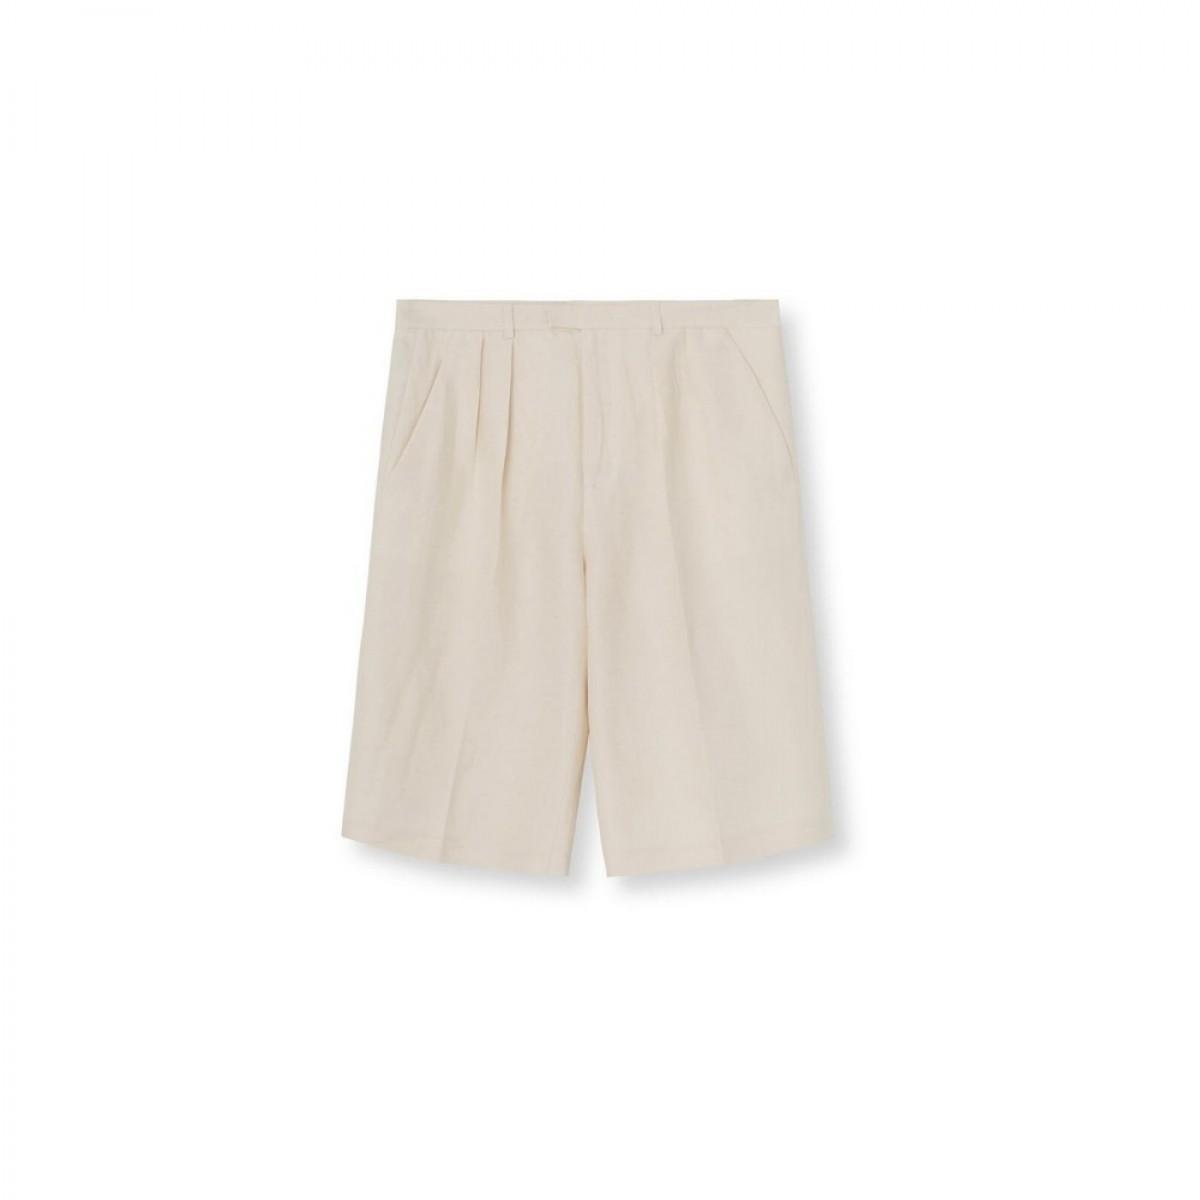 nicky shorts - ecru